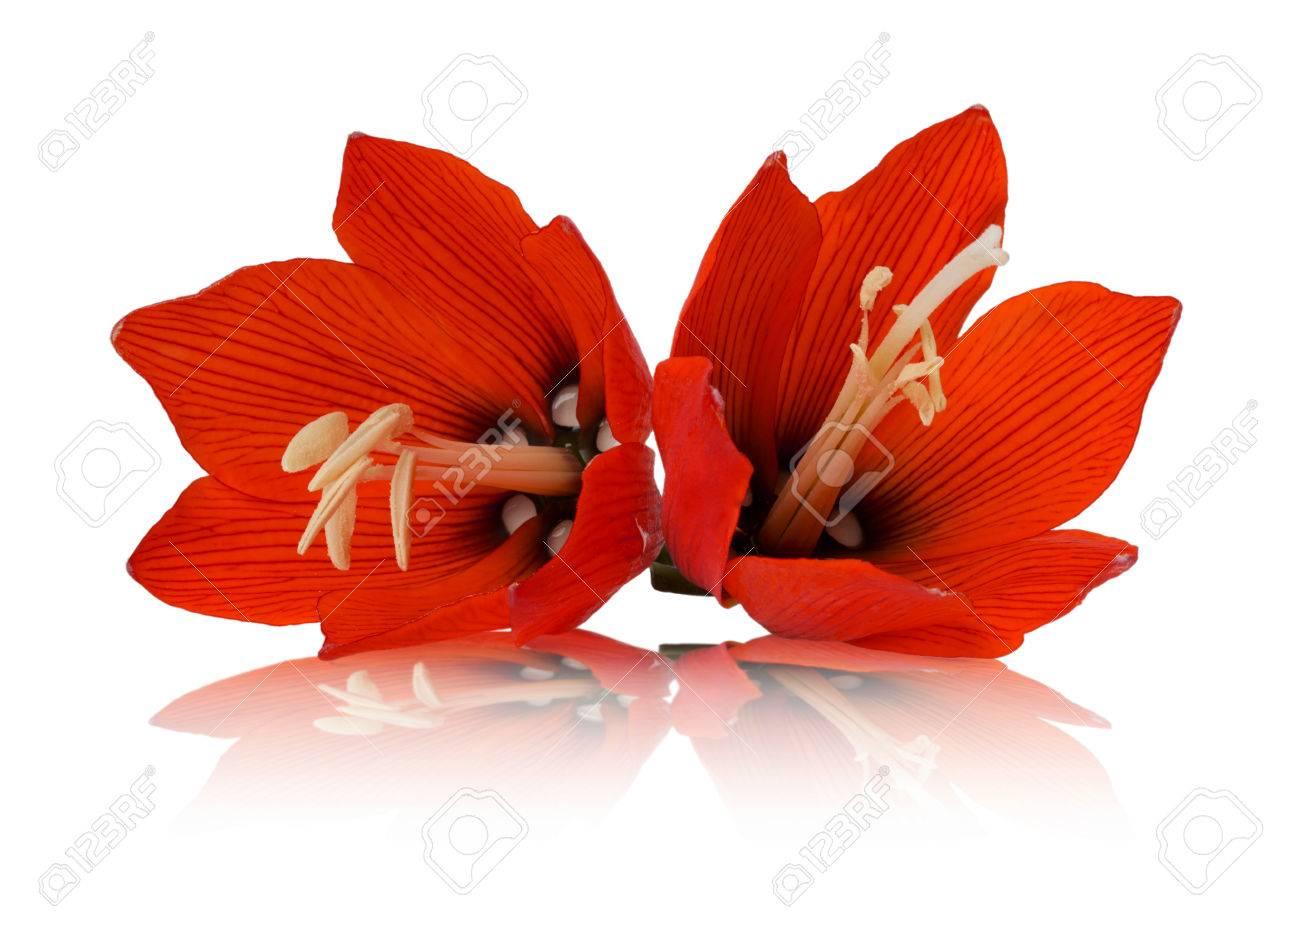 Lilis flower on a white background stock photo picture and royalty lilis flower on a white background stock photo 28227094 izmirmasajfo